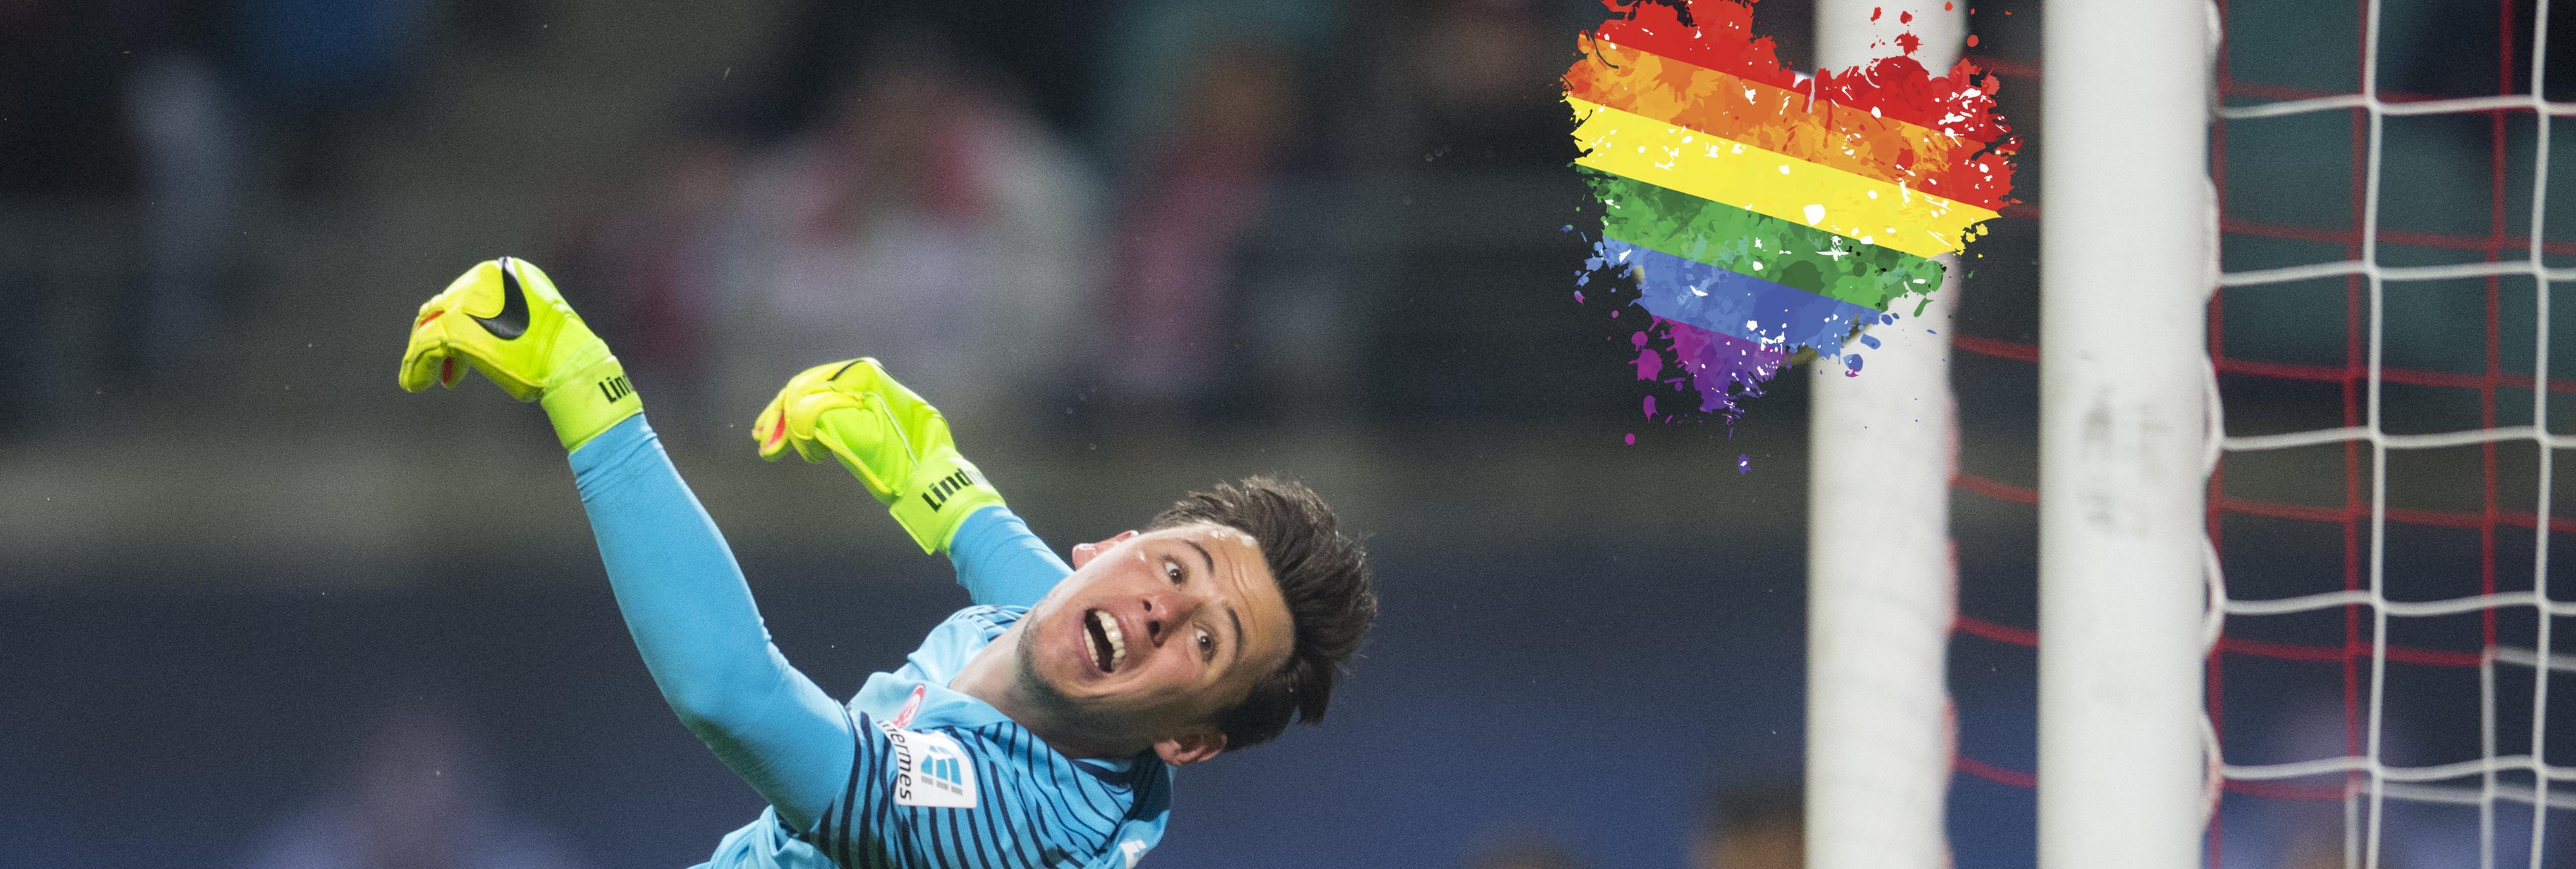 El Real Madrid y el Atlético de Madrid rechazan colaborar contra la LGTBfobia en el deporte